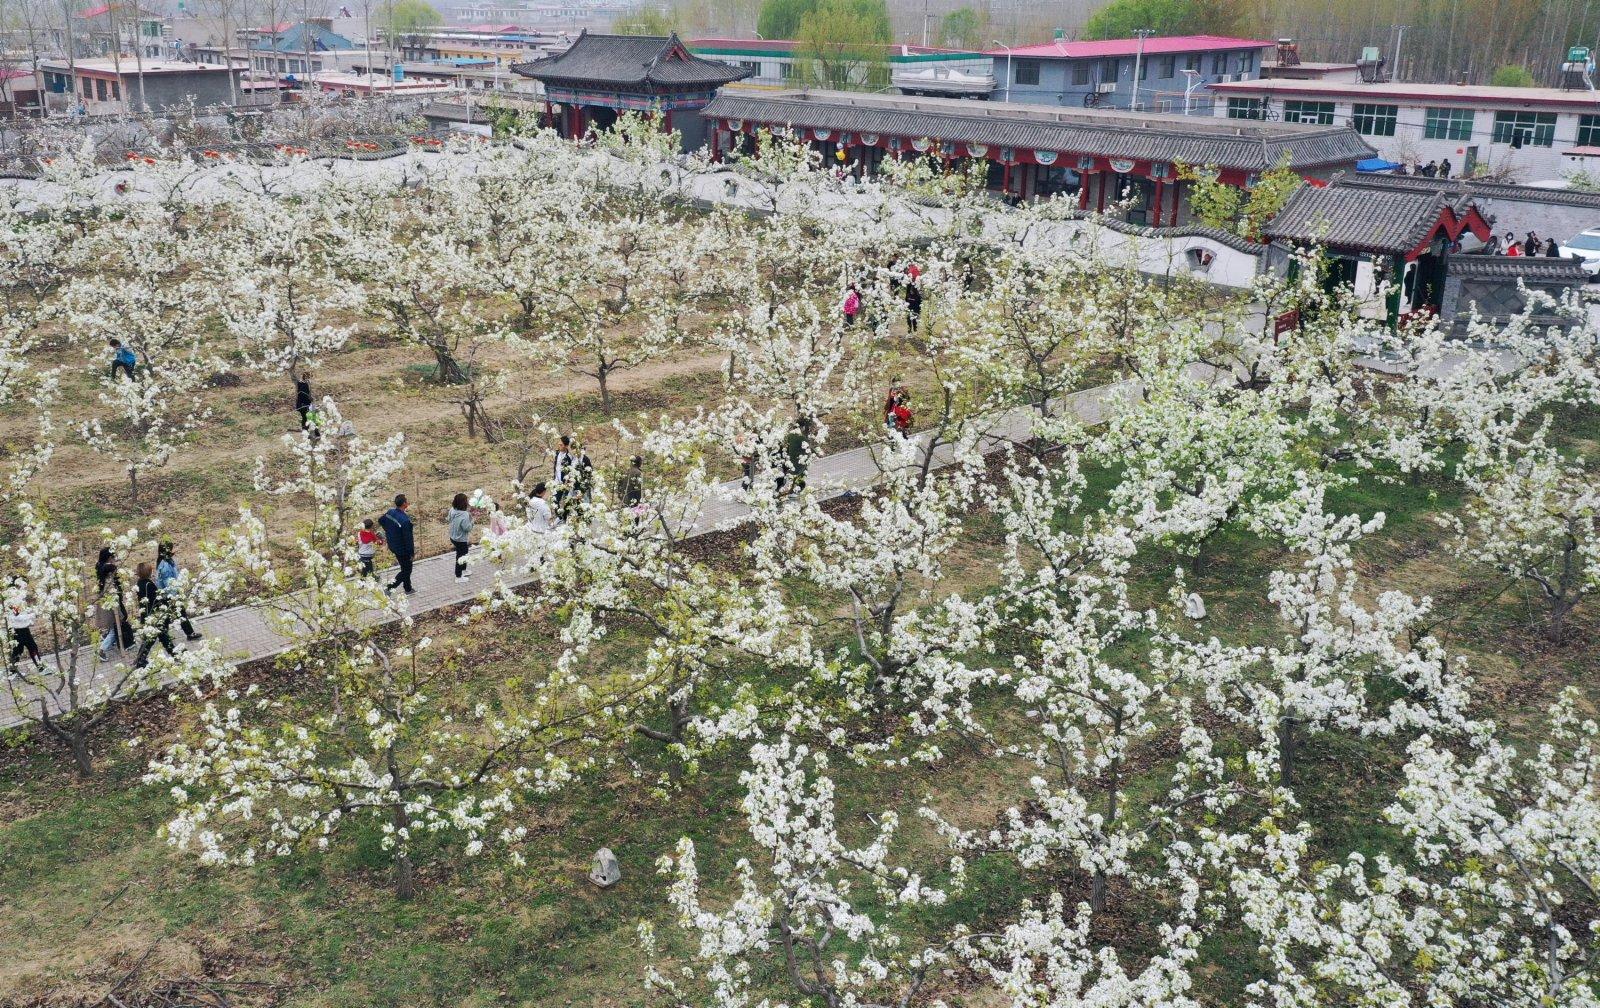 4月11日,遊客在河北省遷安市楊家坡民俗文化園內賞花(無人機照片)。(新華社)